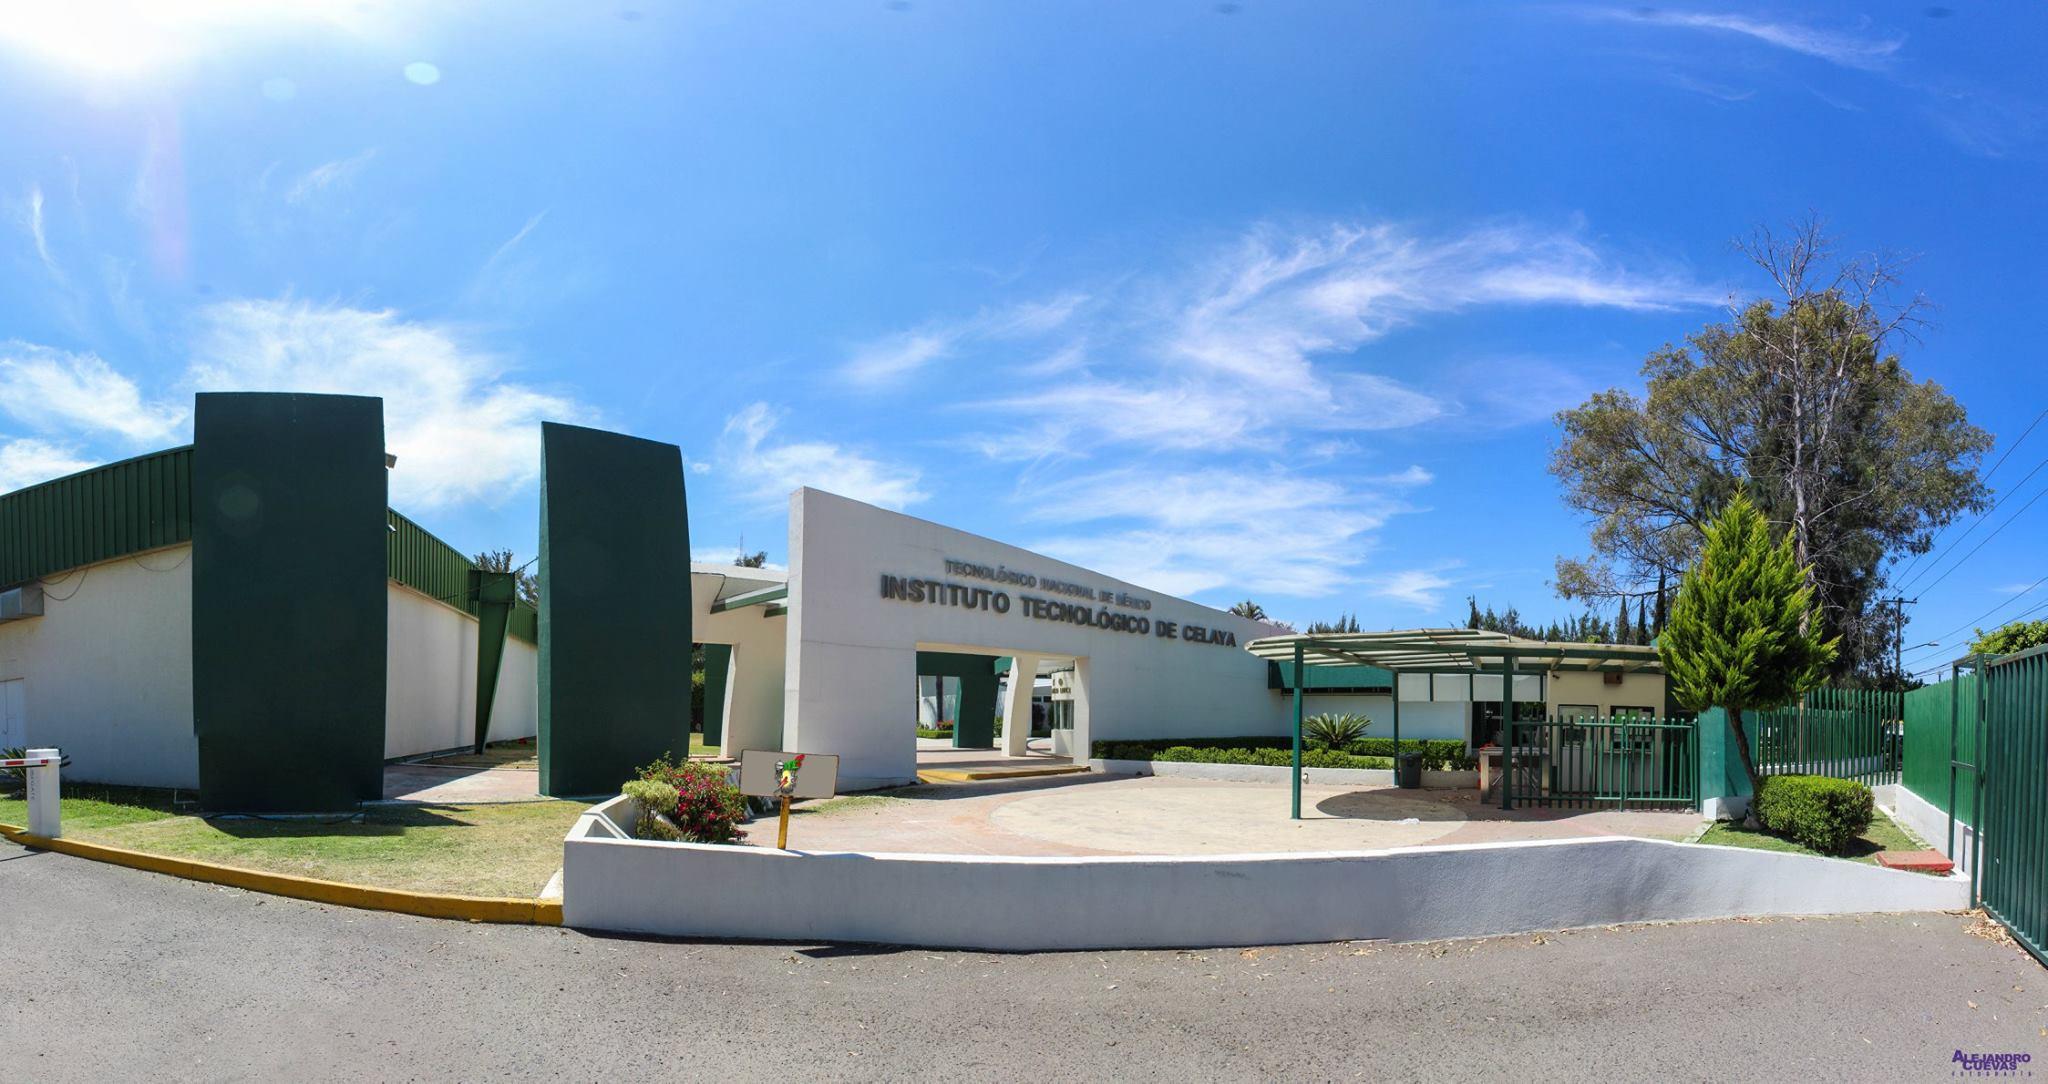 Instituto Tecnológico de Celaya – ITCelaya Campus